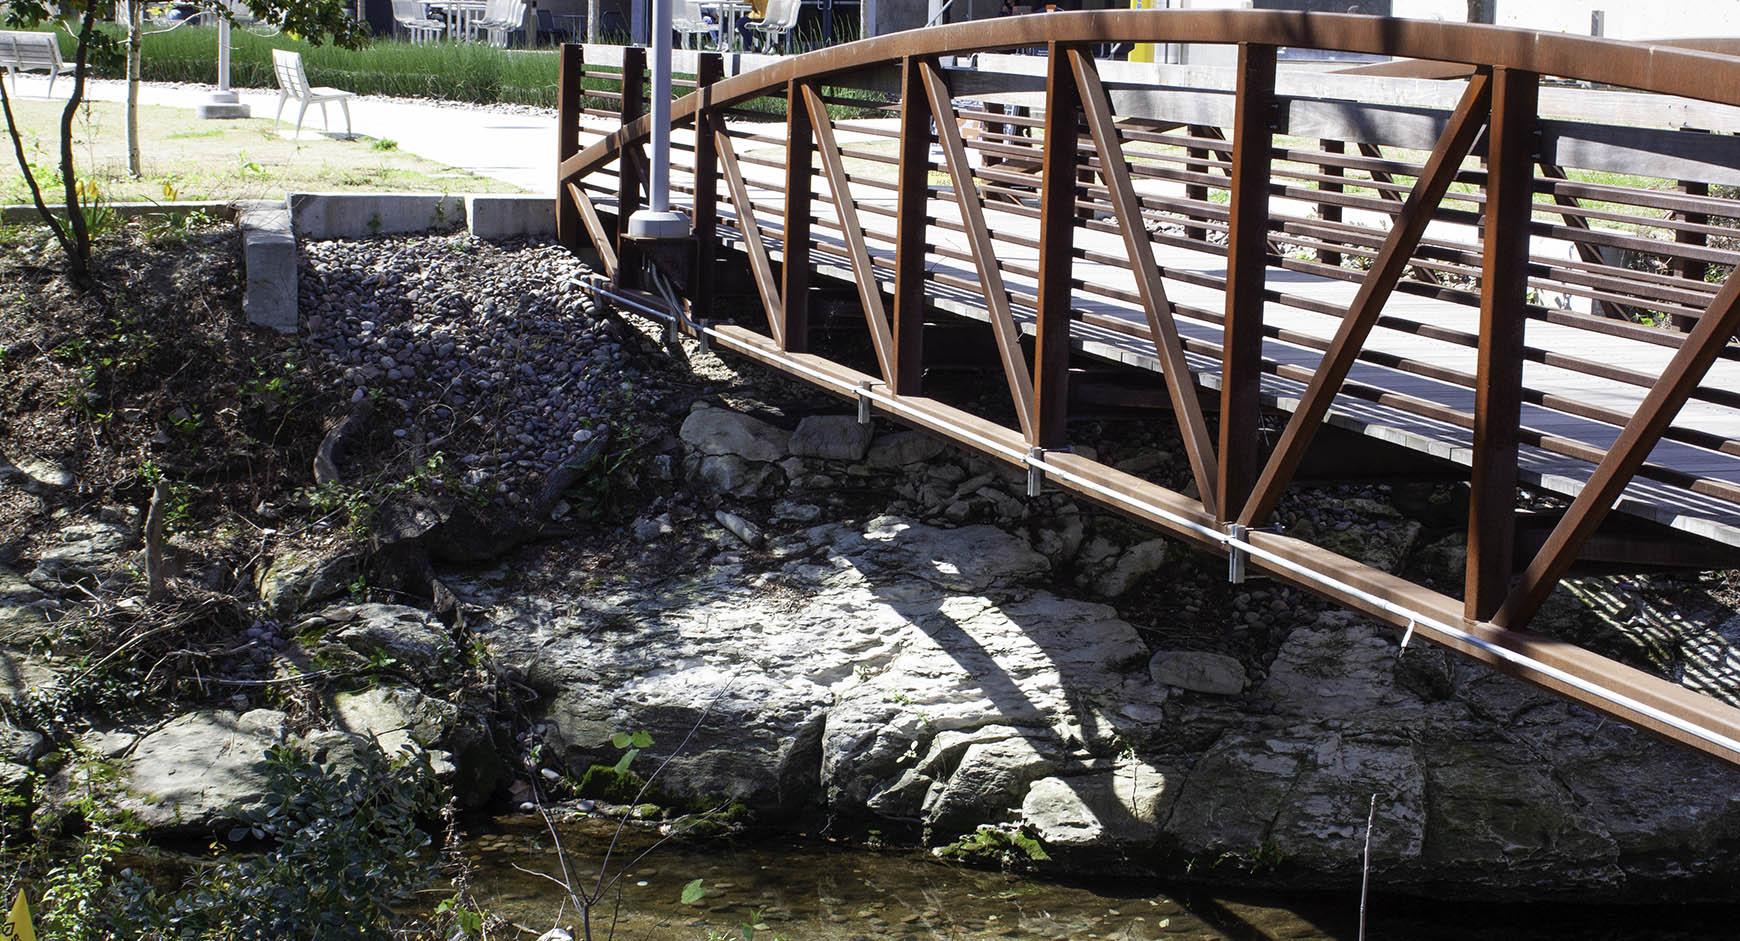 Newest bridge over Waller Creek at EER